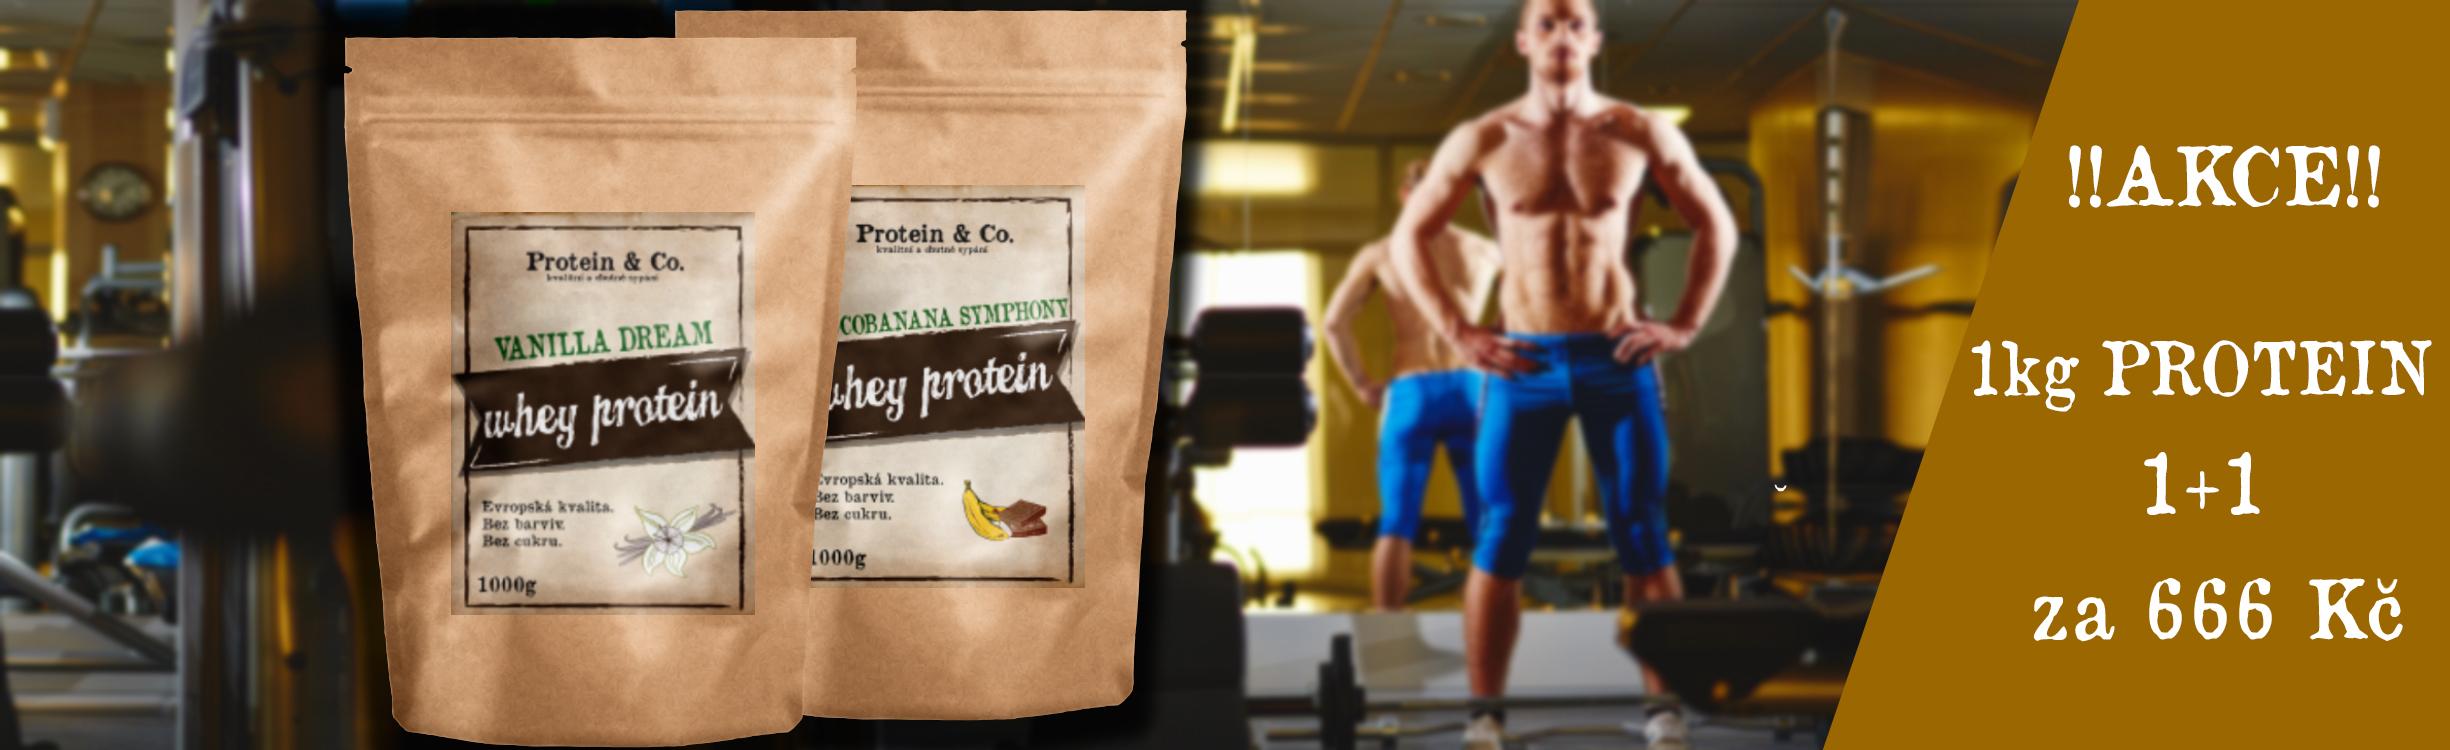 Protein&Co.  - akce měsíce